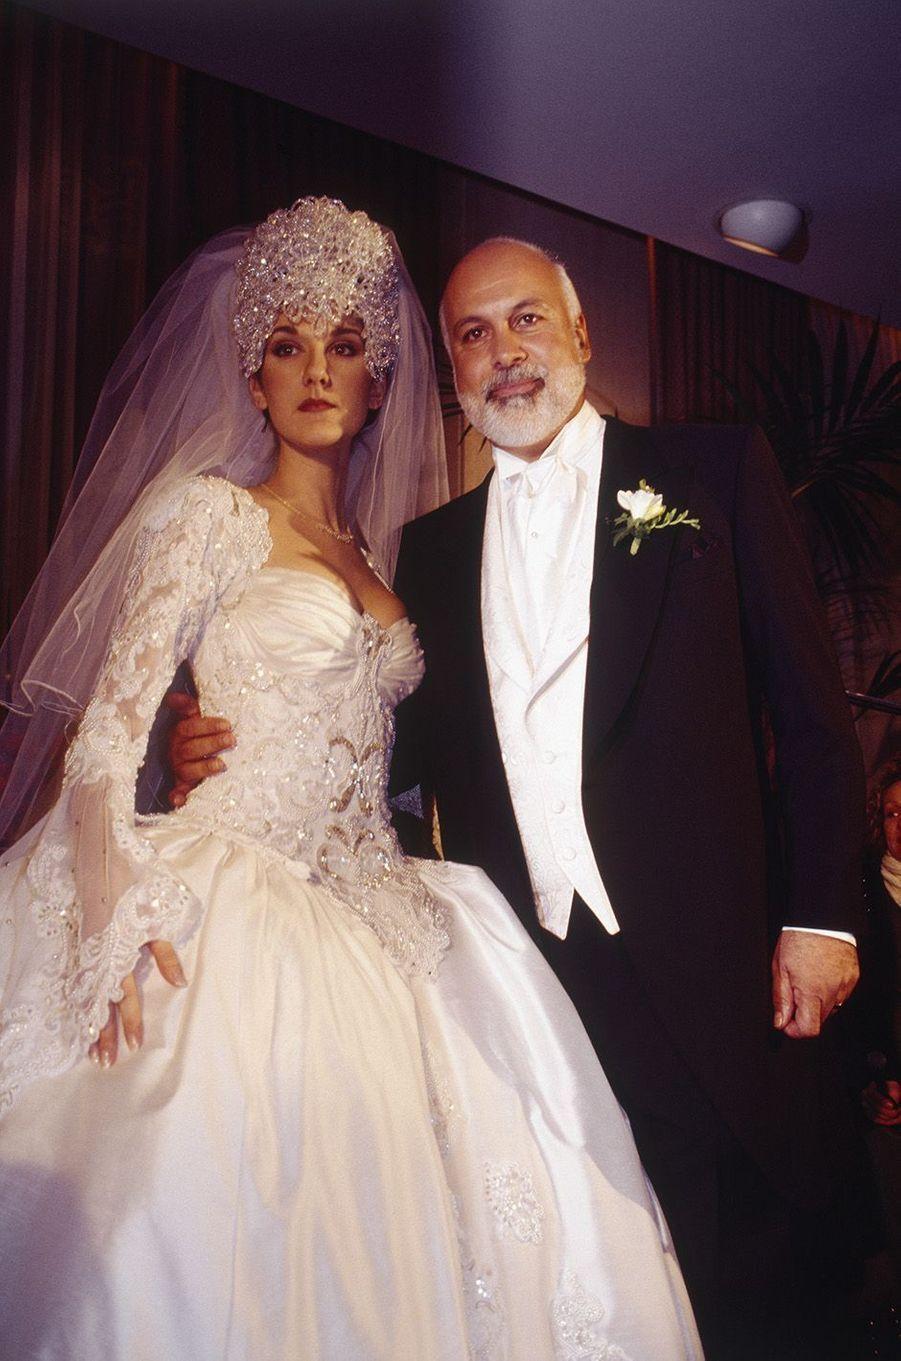 Céline Dion et René Angélil lors de leur mariage en décembre 1994.